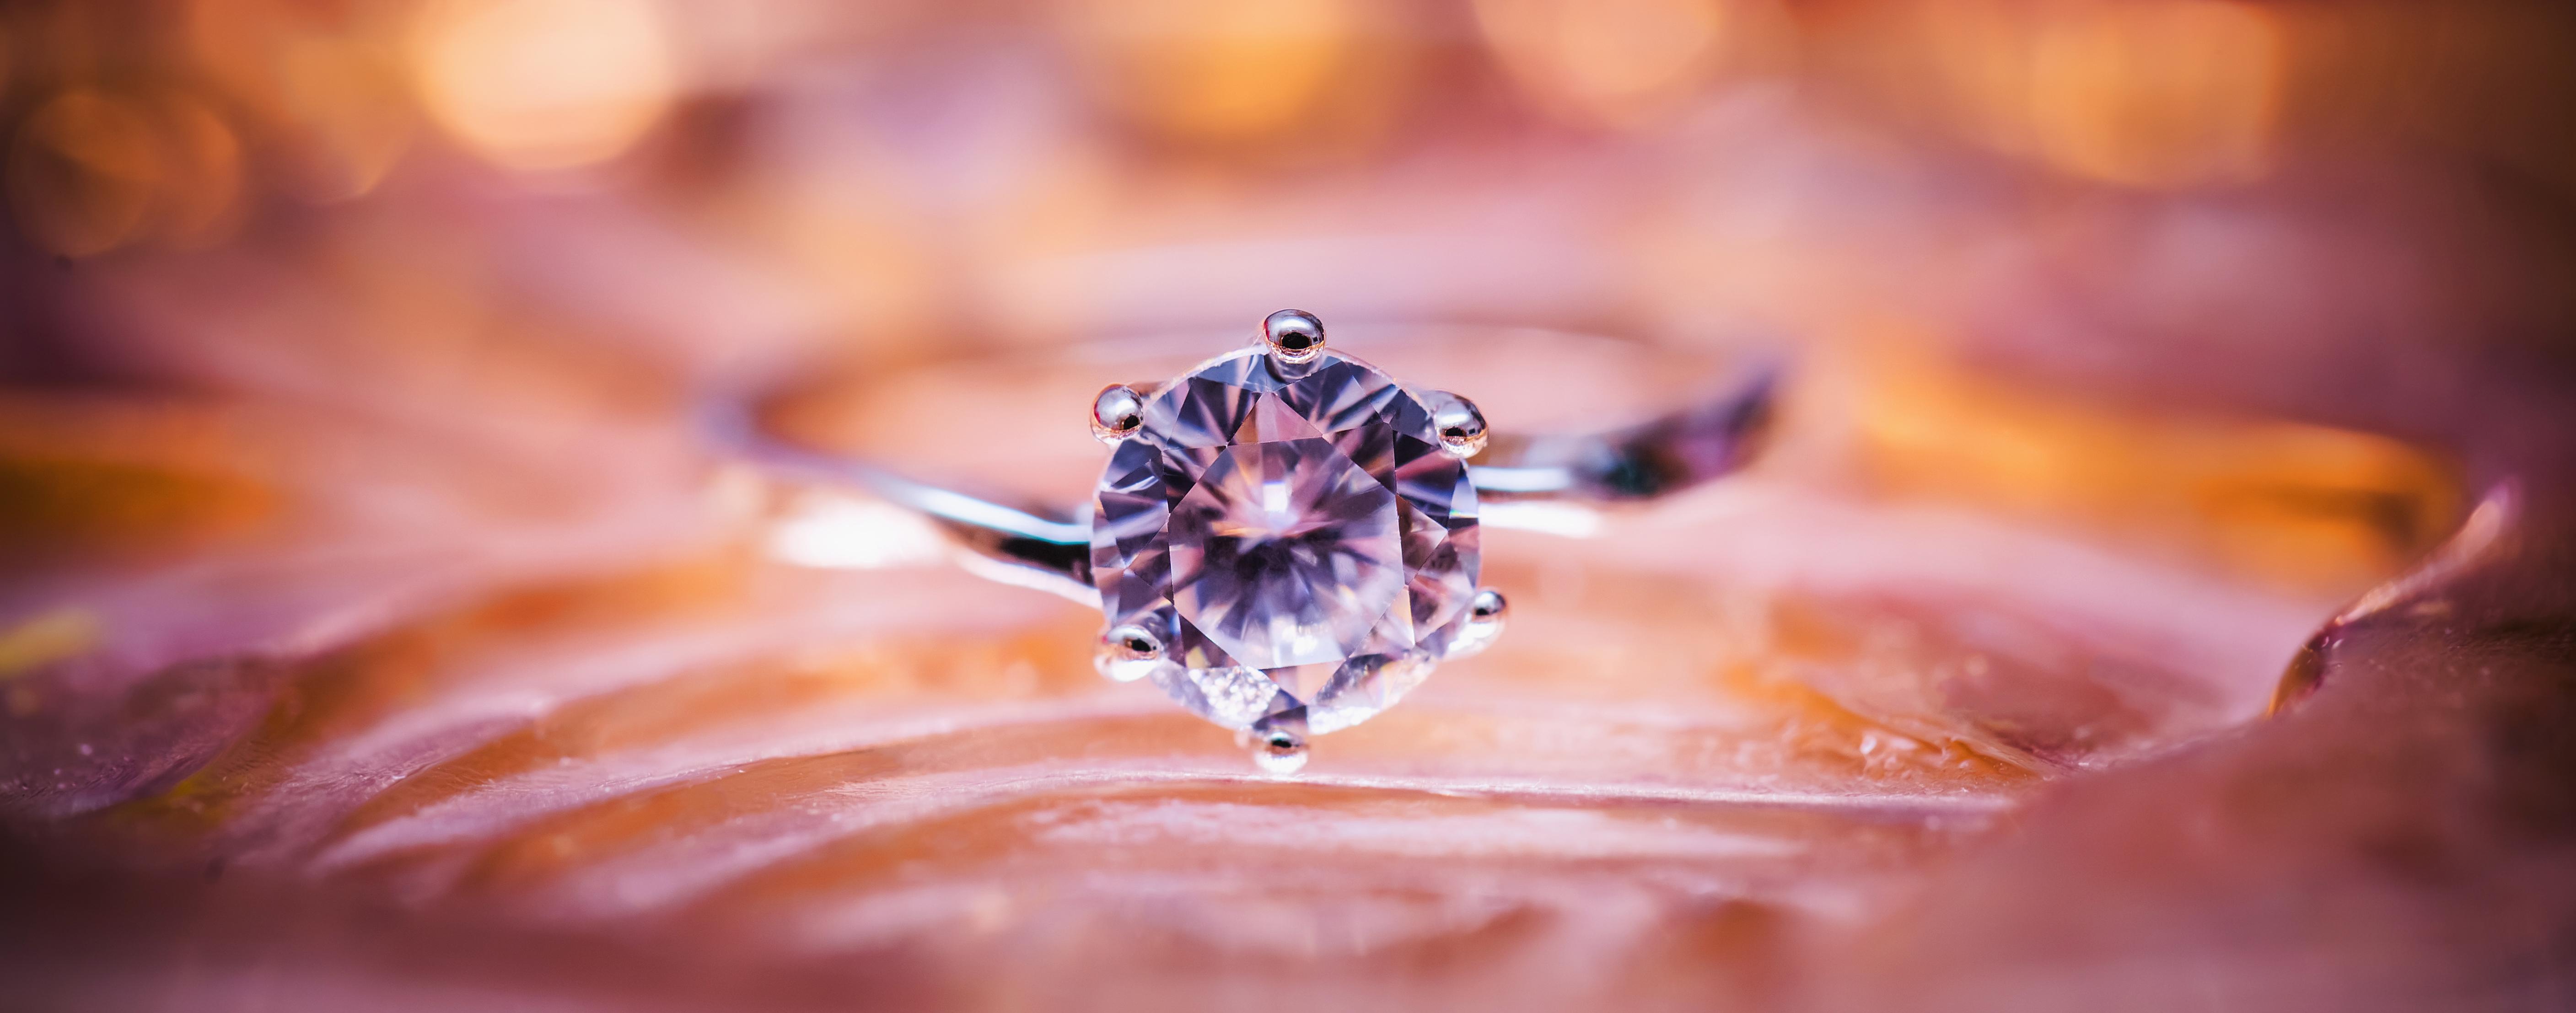 Diamond Ring image - Free stock photo - Public Domain photo - CC0 Images